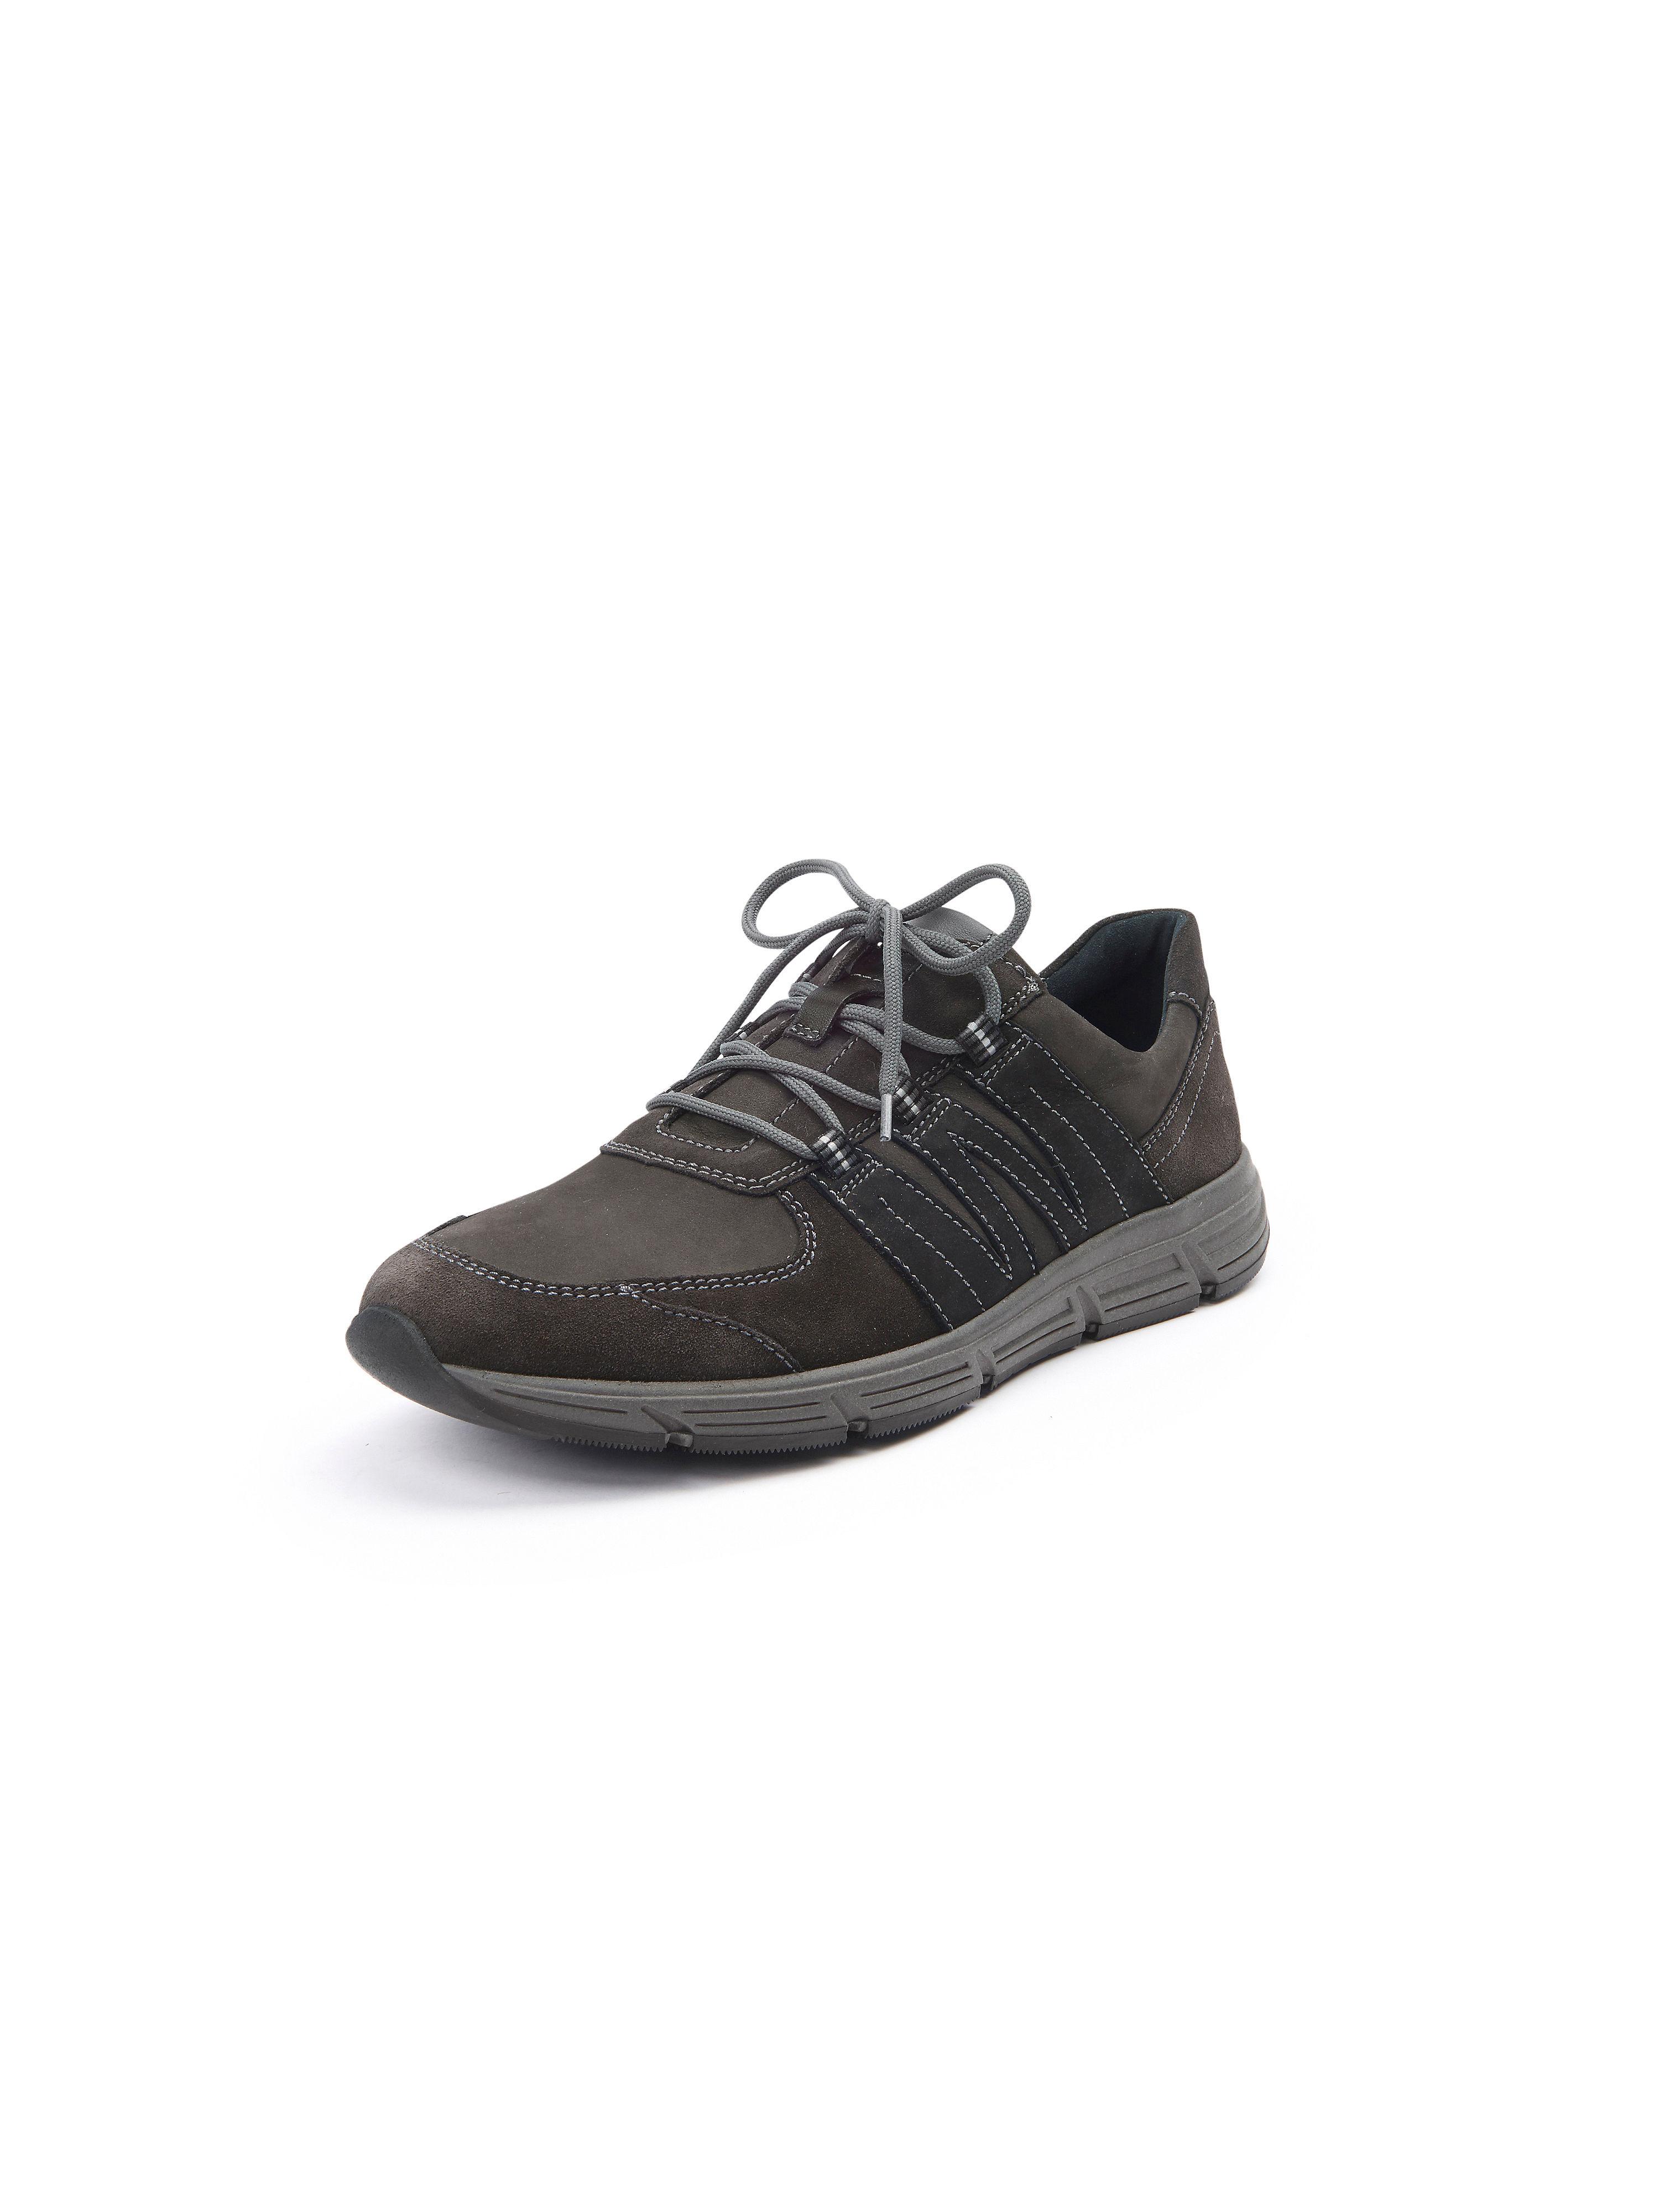 haslo-trainers-offering-excellent-wear-comfort-waldlaeufer-grey